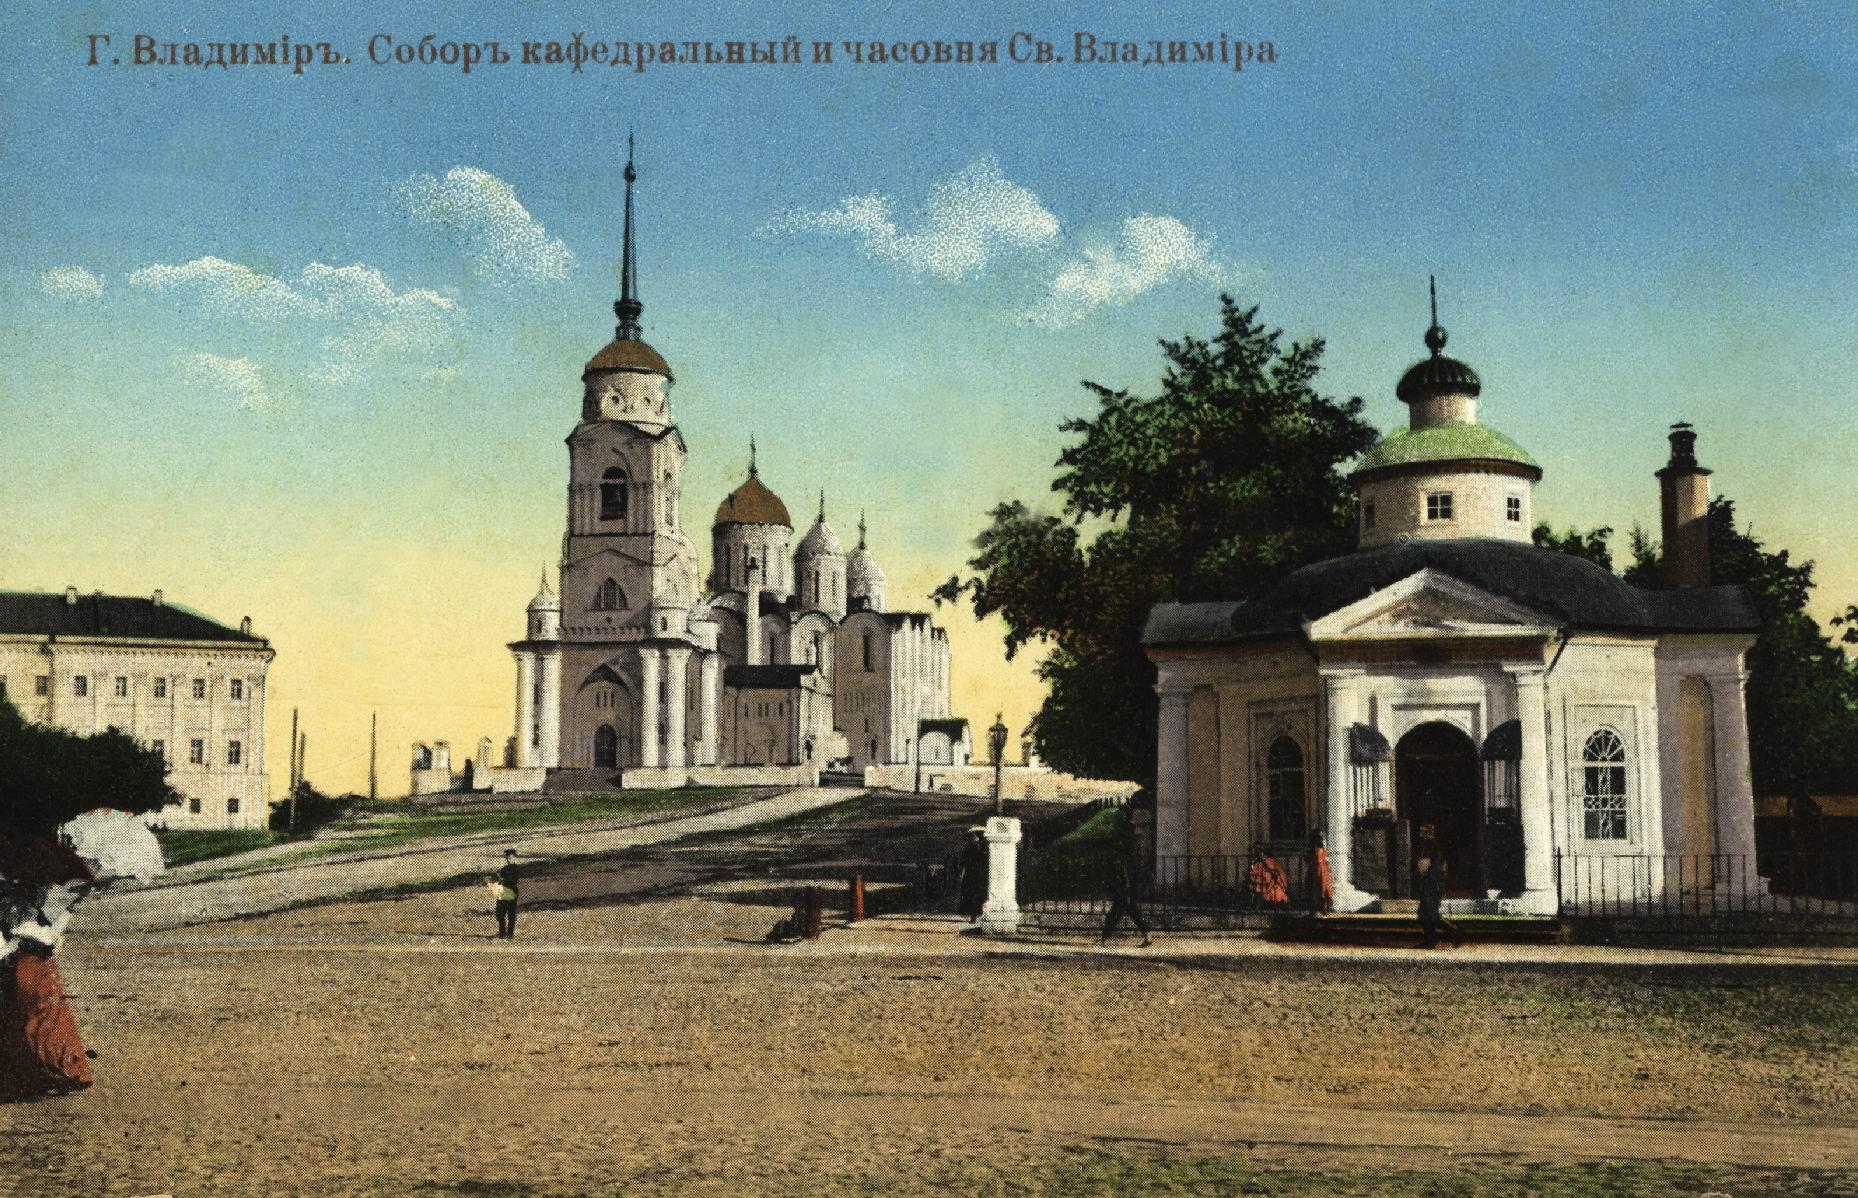 Кафедральный собор и Часовня св. Владимира